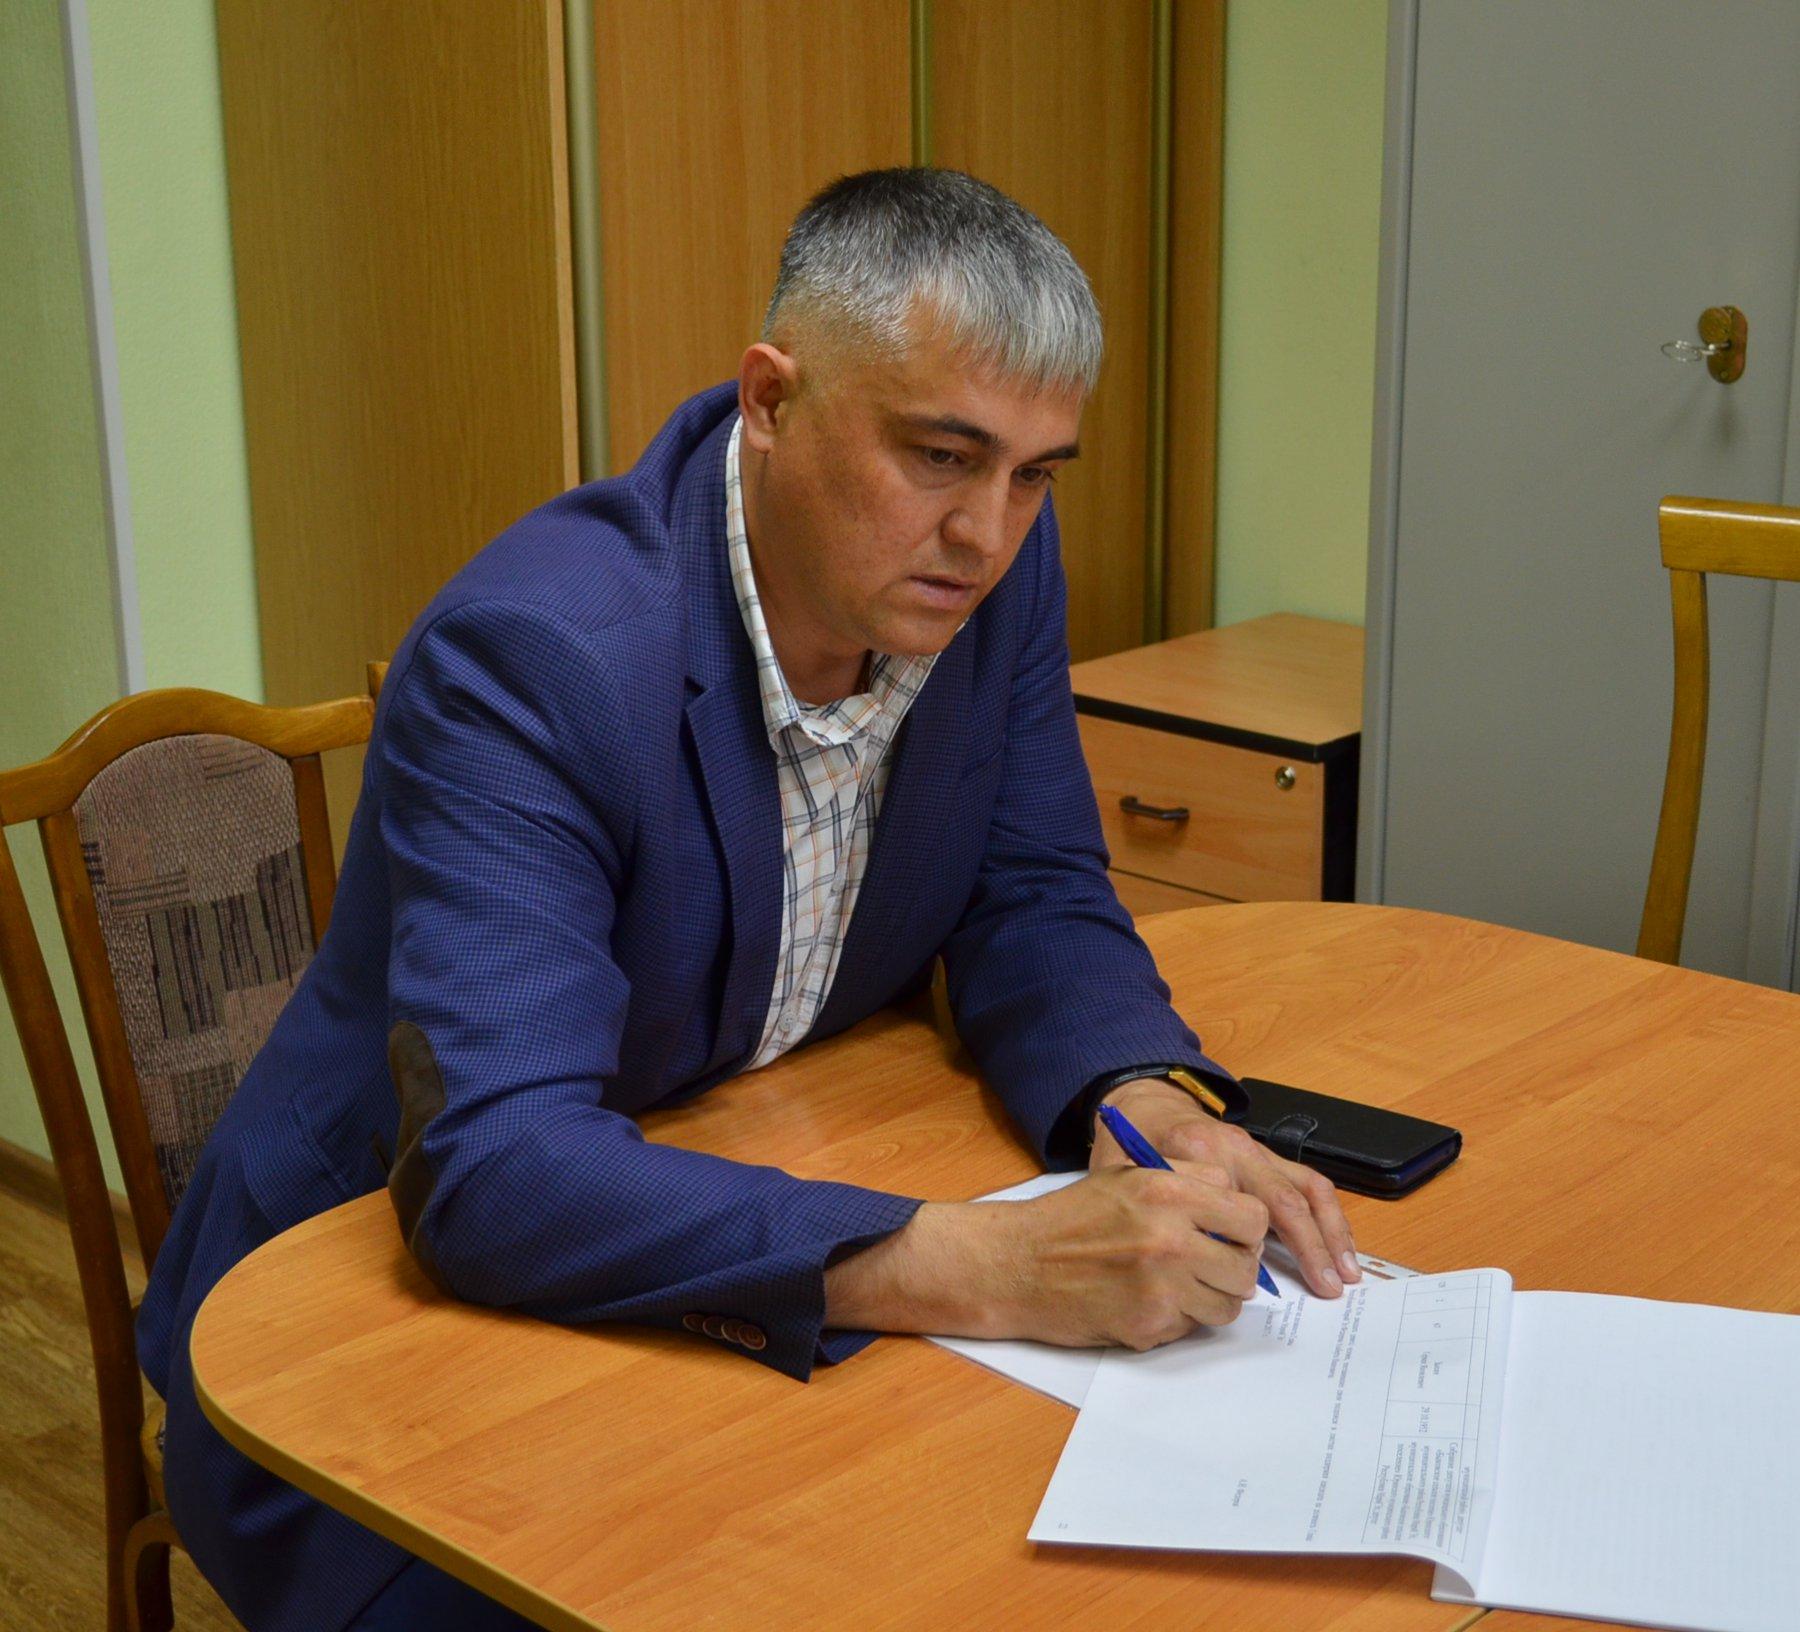 Кандидат от ЛДПР на выборы главы Марий Эл сдал подписи для прохождения муниципального фильтра